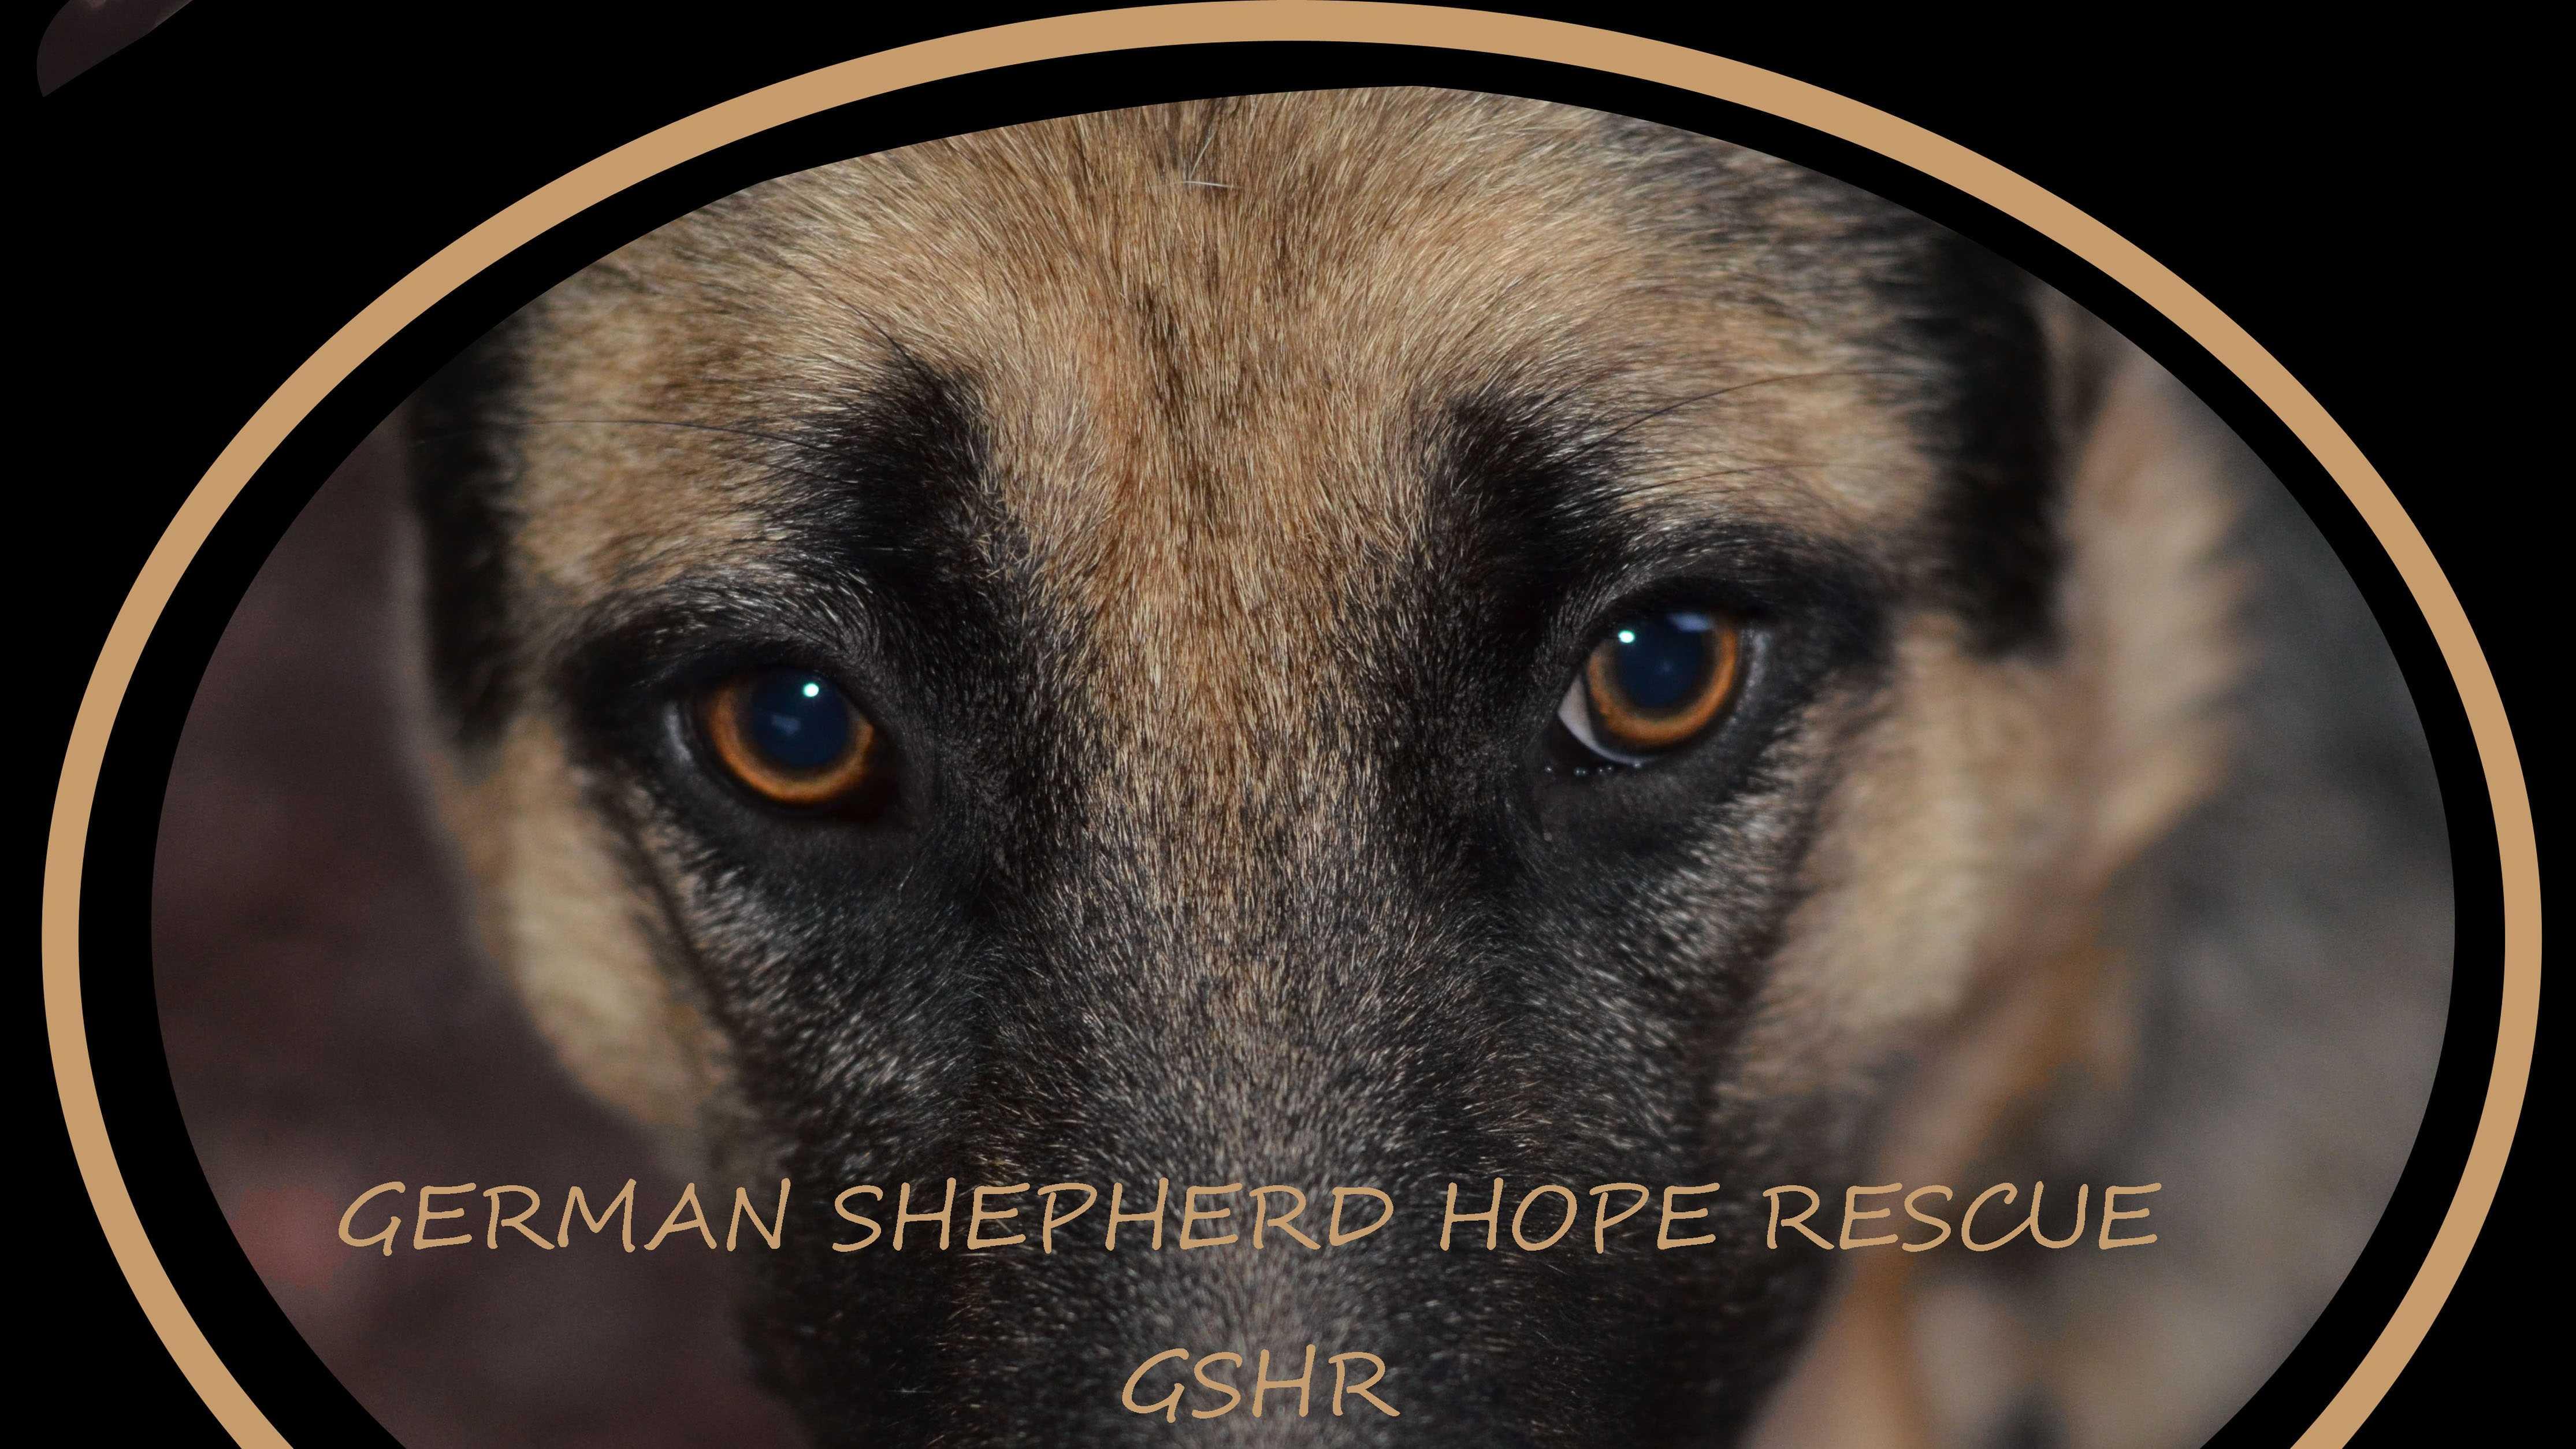 German Shepherd Hope Rescue